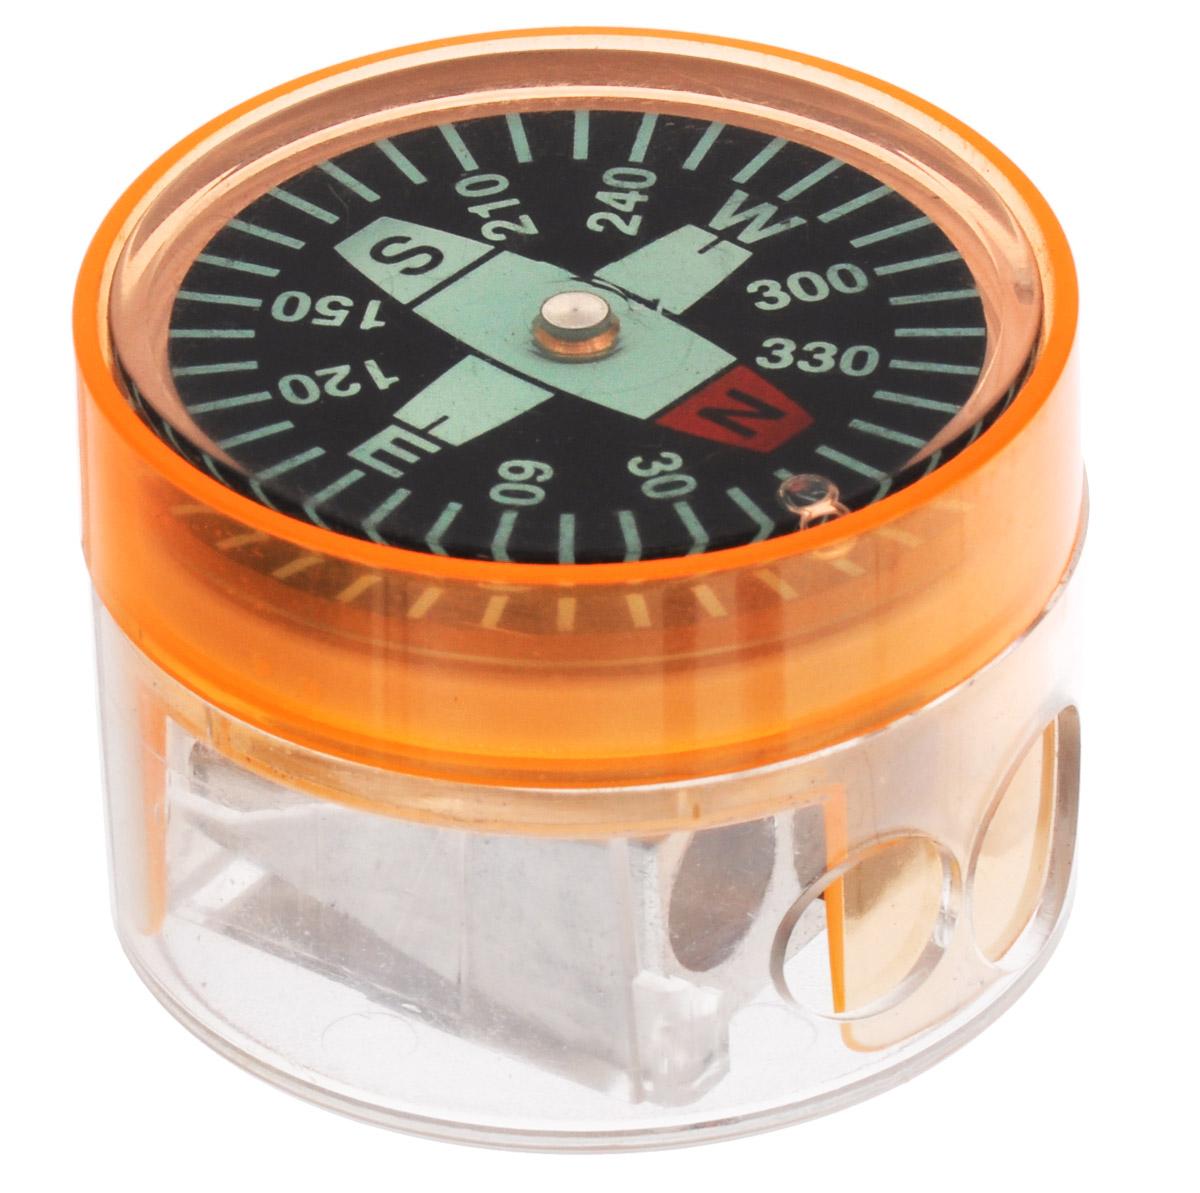 Brunnen Точилка двойная Компас цвет оранжевый29836\255718\BCD_оранжевыйТочилка двойная Компас выполнена из прочного пластика. В точилке имеются два отверстия для карандашей разного диаметра, подходит для различных видов карандашей. При повороте пластикового контейнера, отверстия закрываются. Полупрозрачный контейнер для сбора стружки позволяет визуально контролировать уровень заполнения и вовремя производить очистку. В дно контейнера встроен небольшой компас.